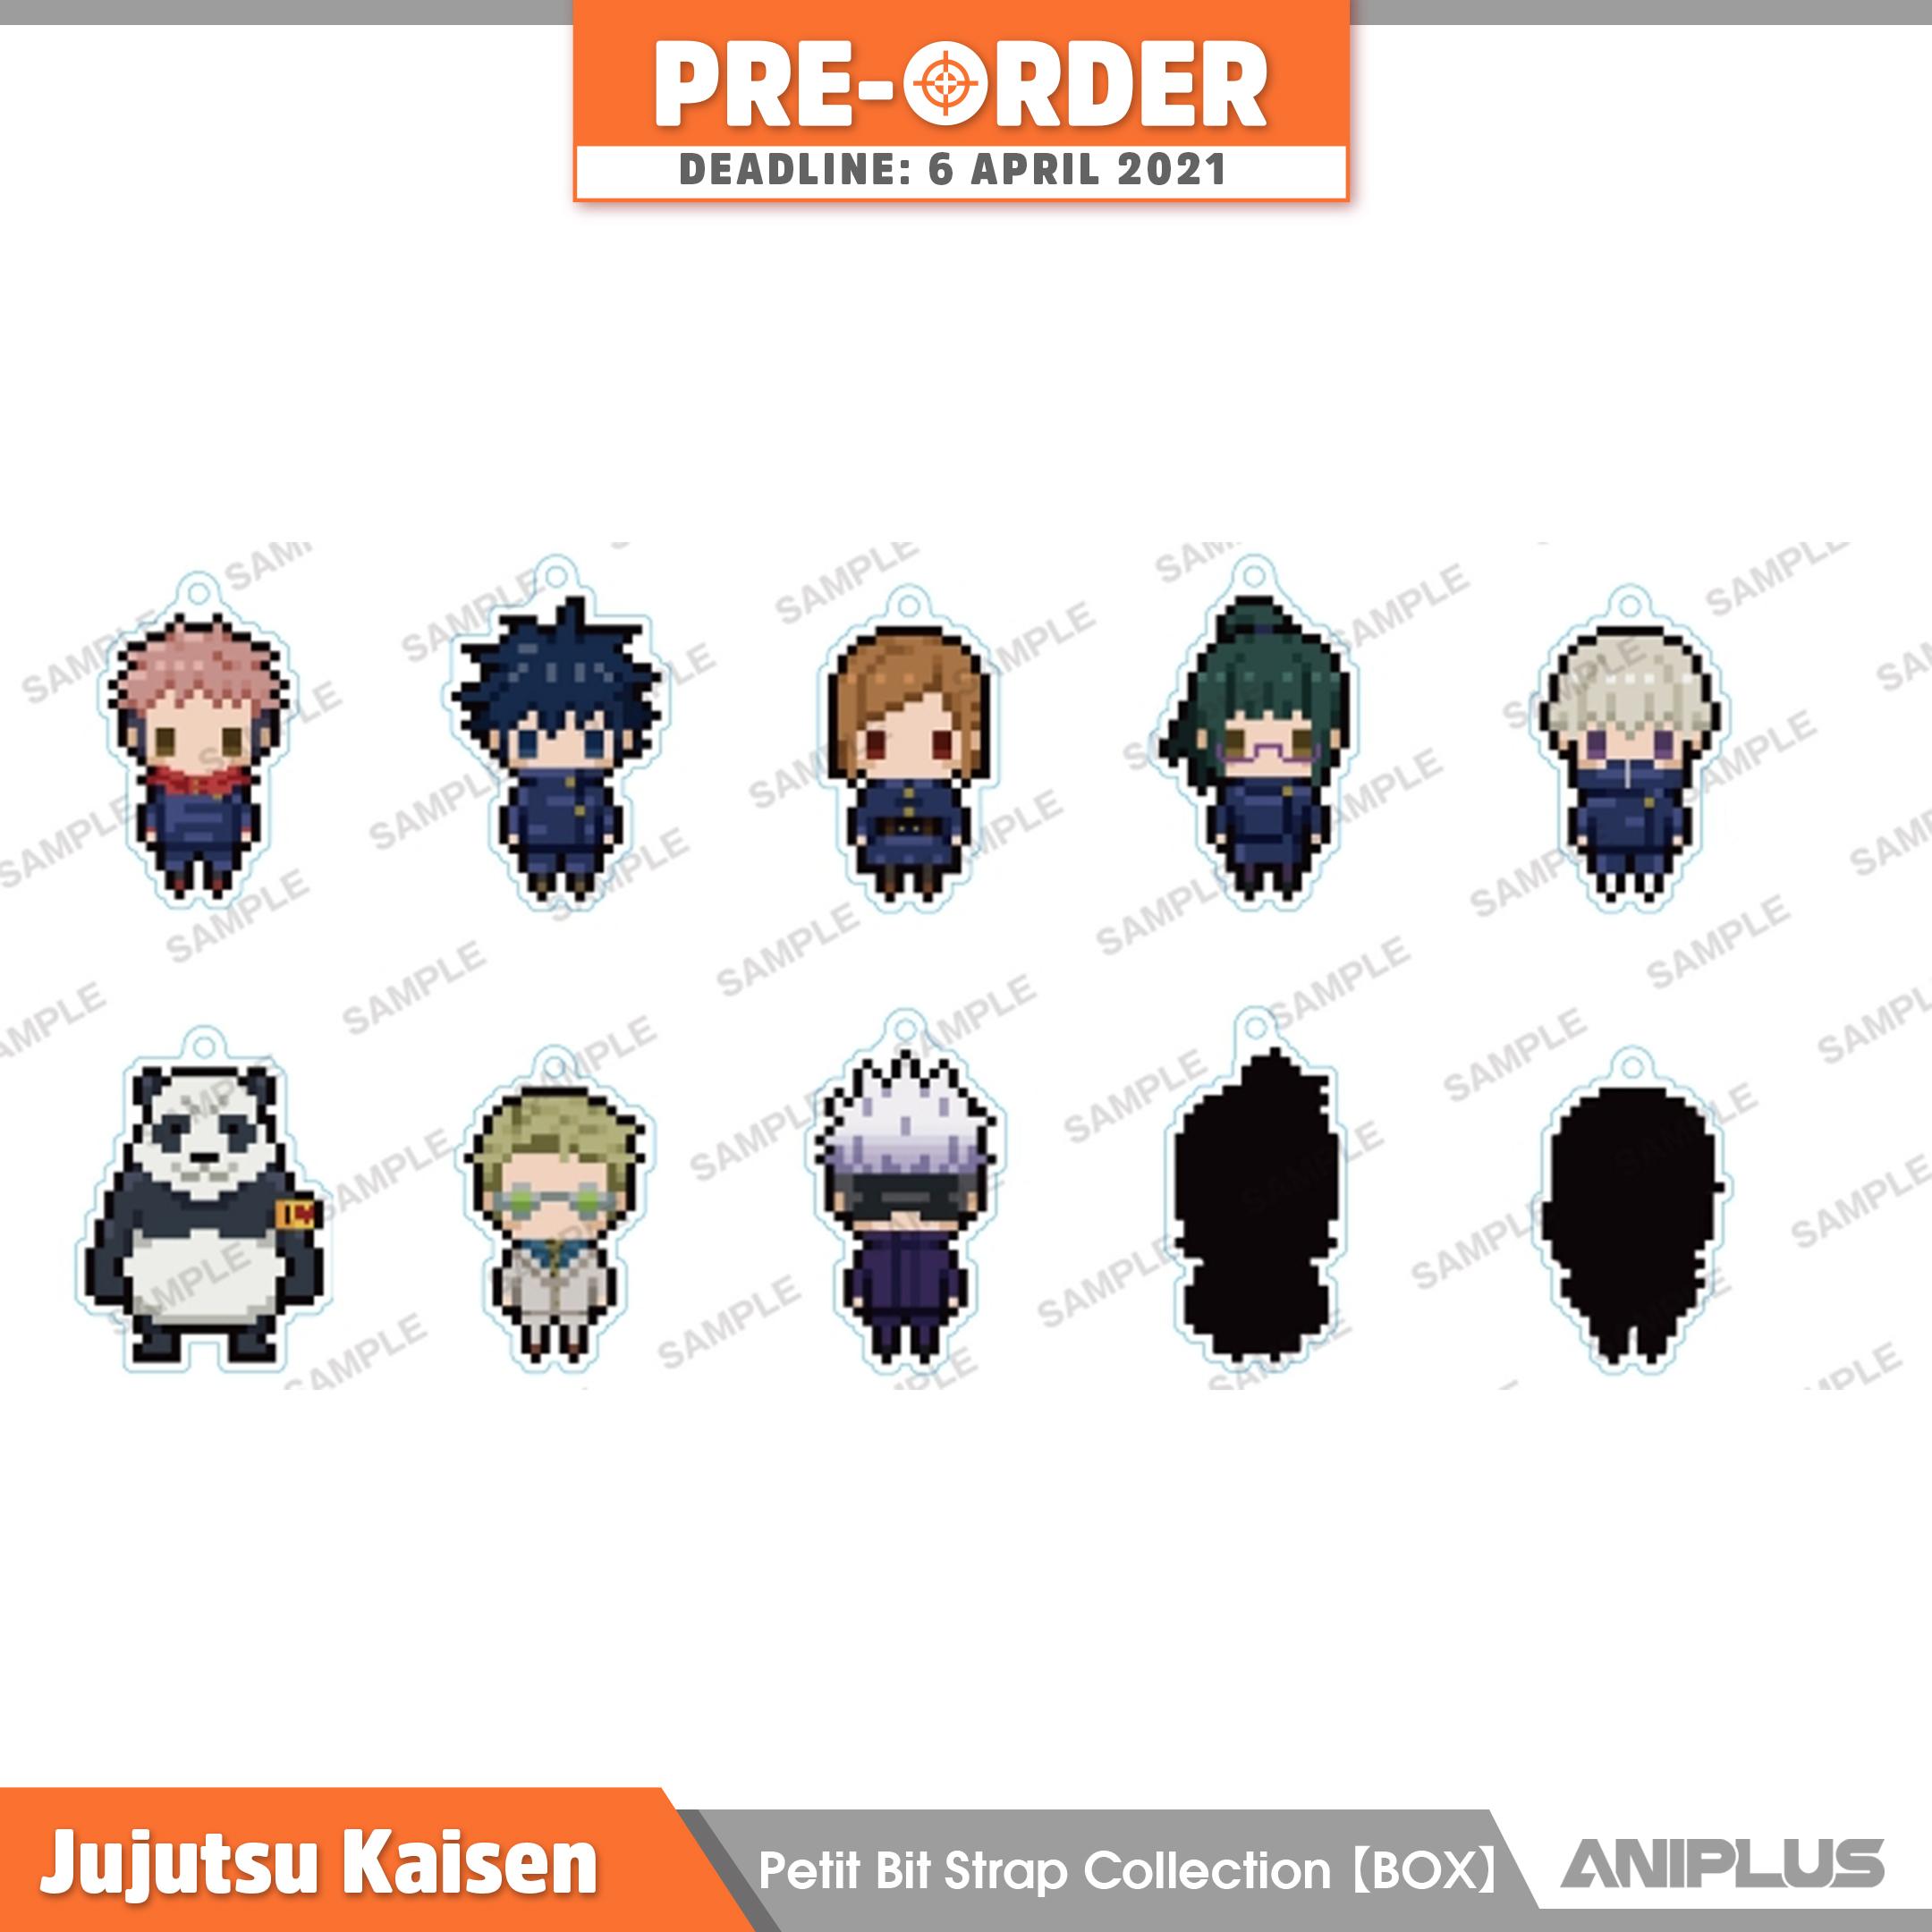 Jujutsu Kaisen Petit Bit Strap Collection